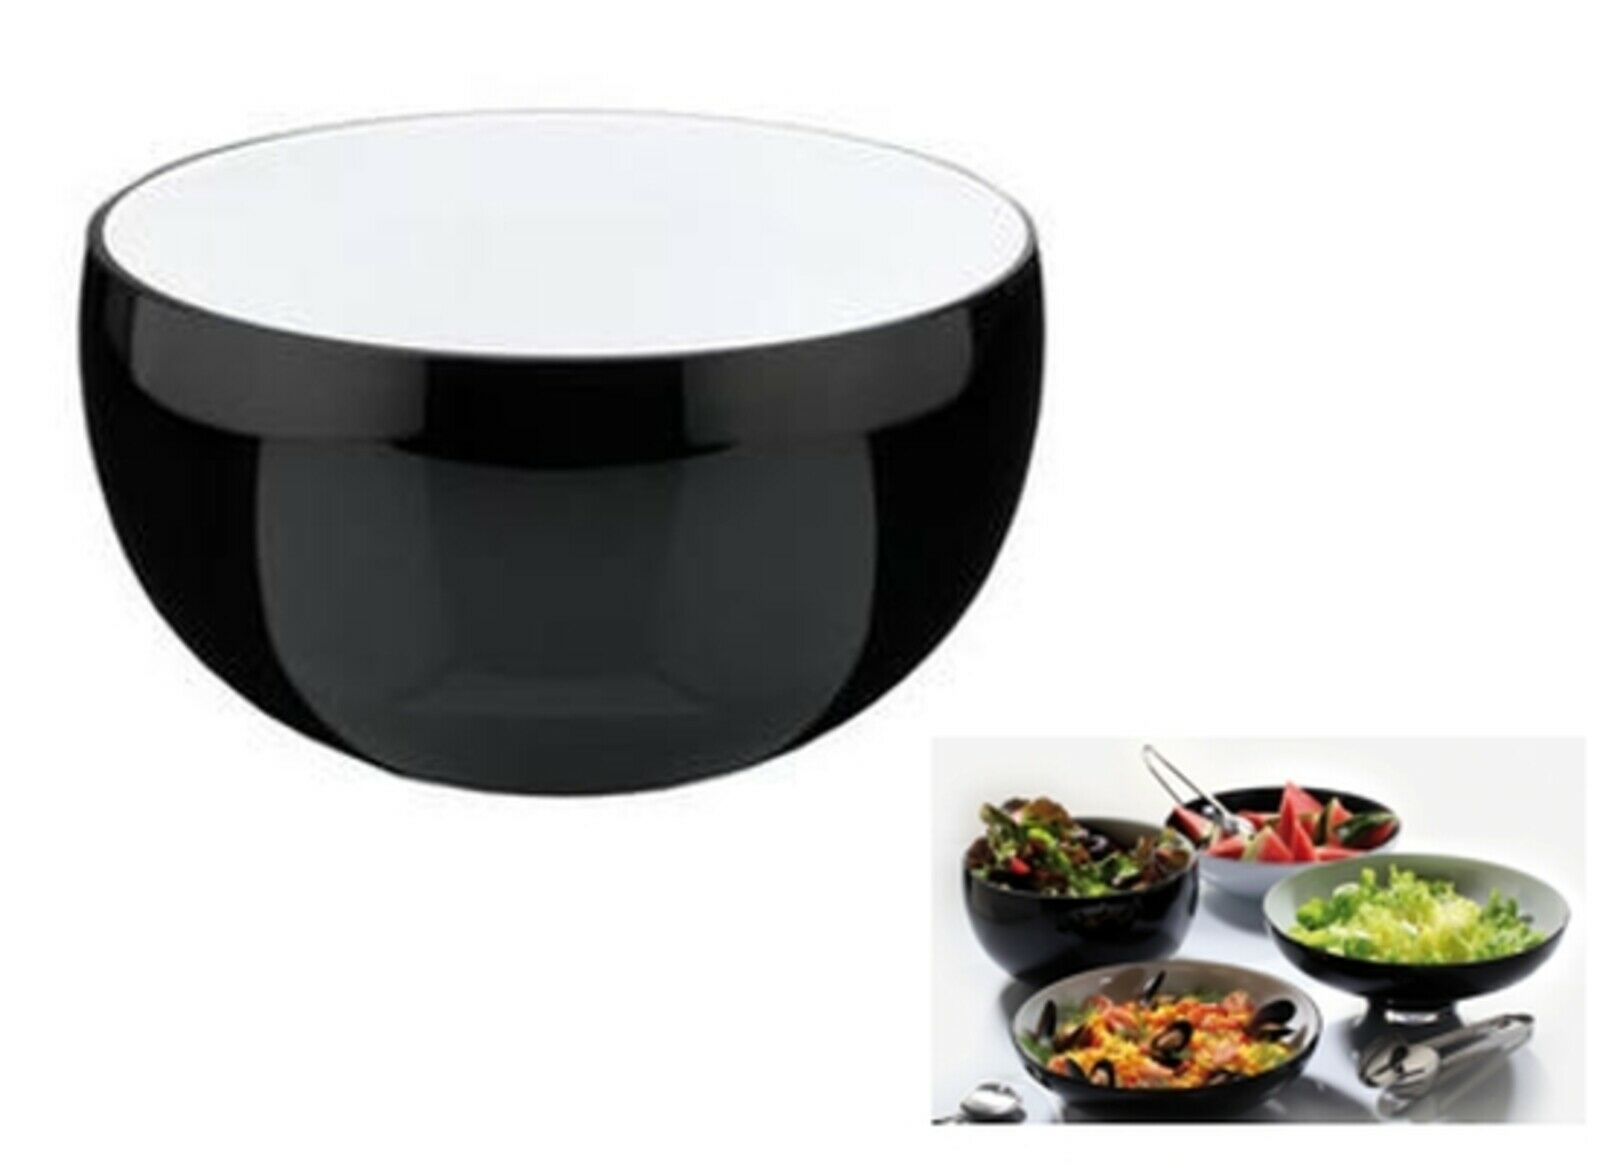 Glasschale Glasschüssel Obstschüssel Obstschale Buffetschüssel Design Schüssel